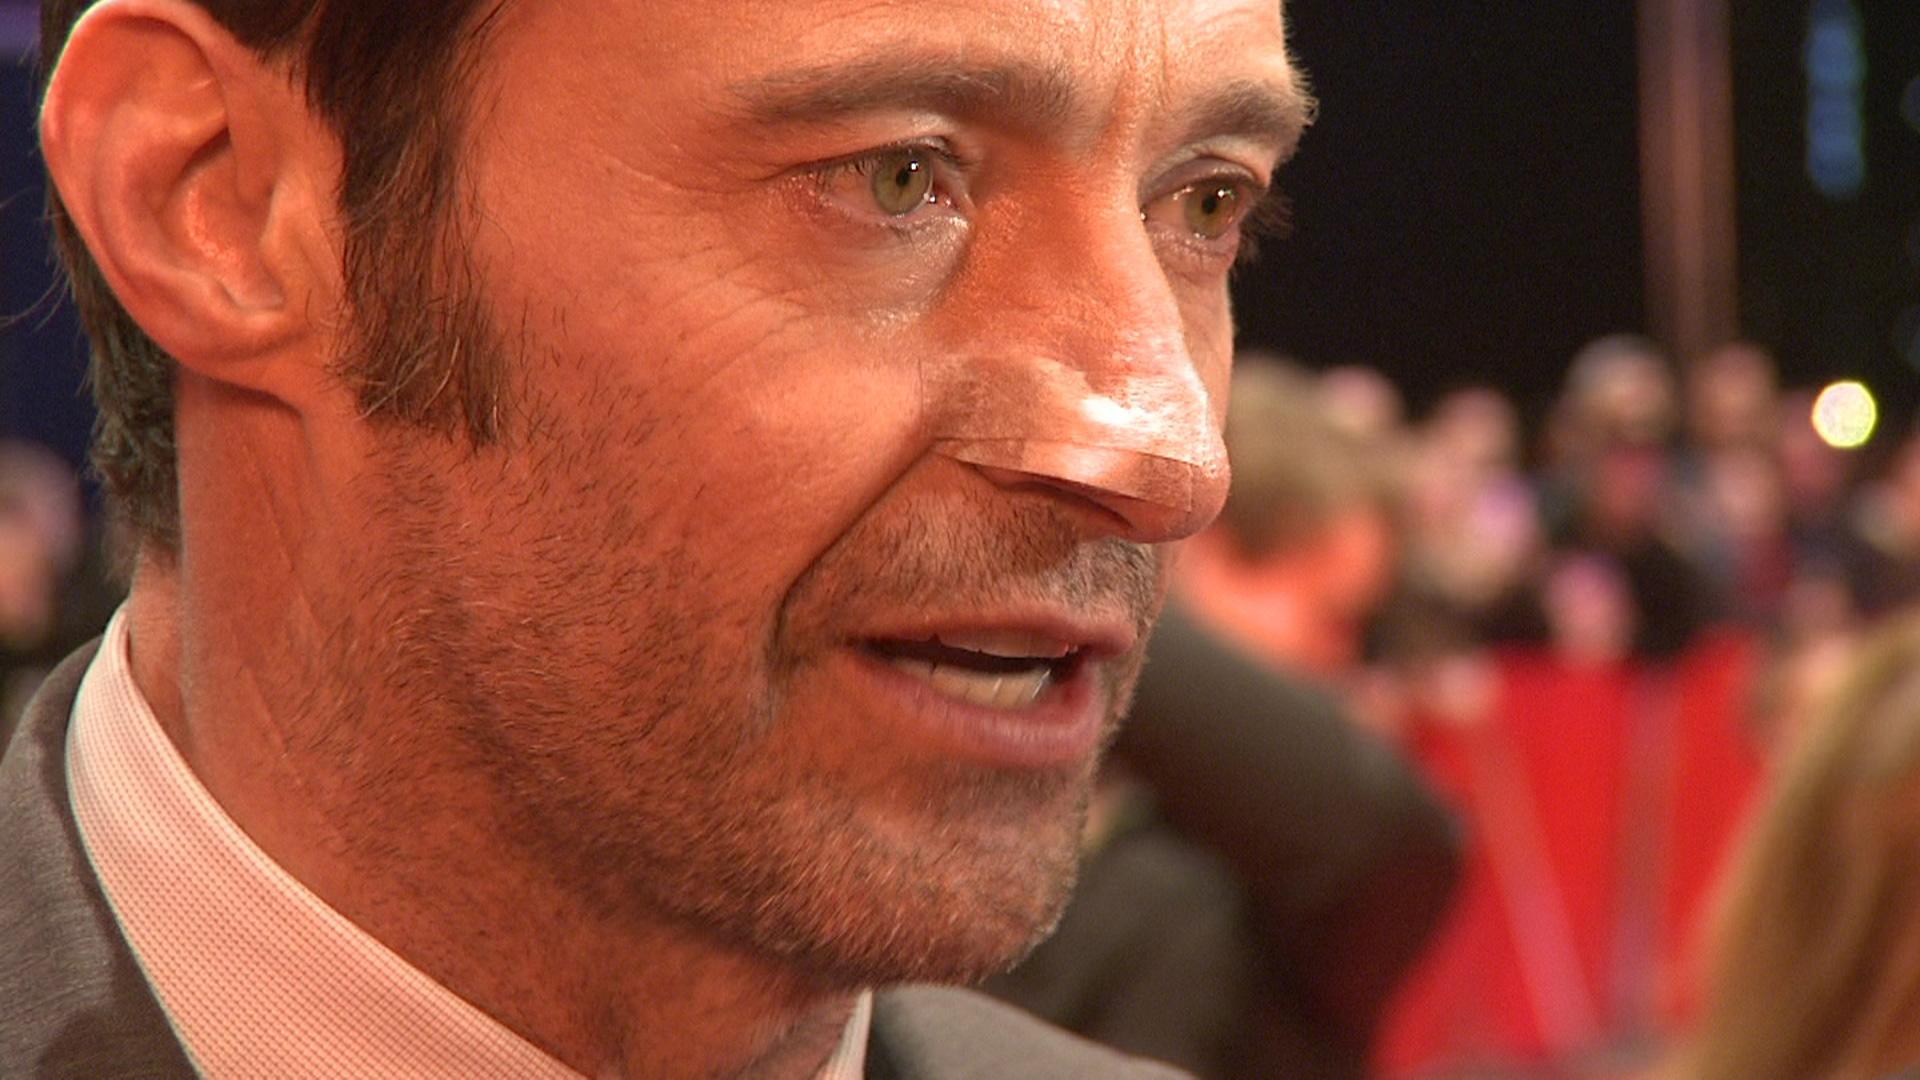 Hugh Jackman vom Krebs gezeichnet mit Verband aud der Nase